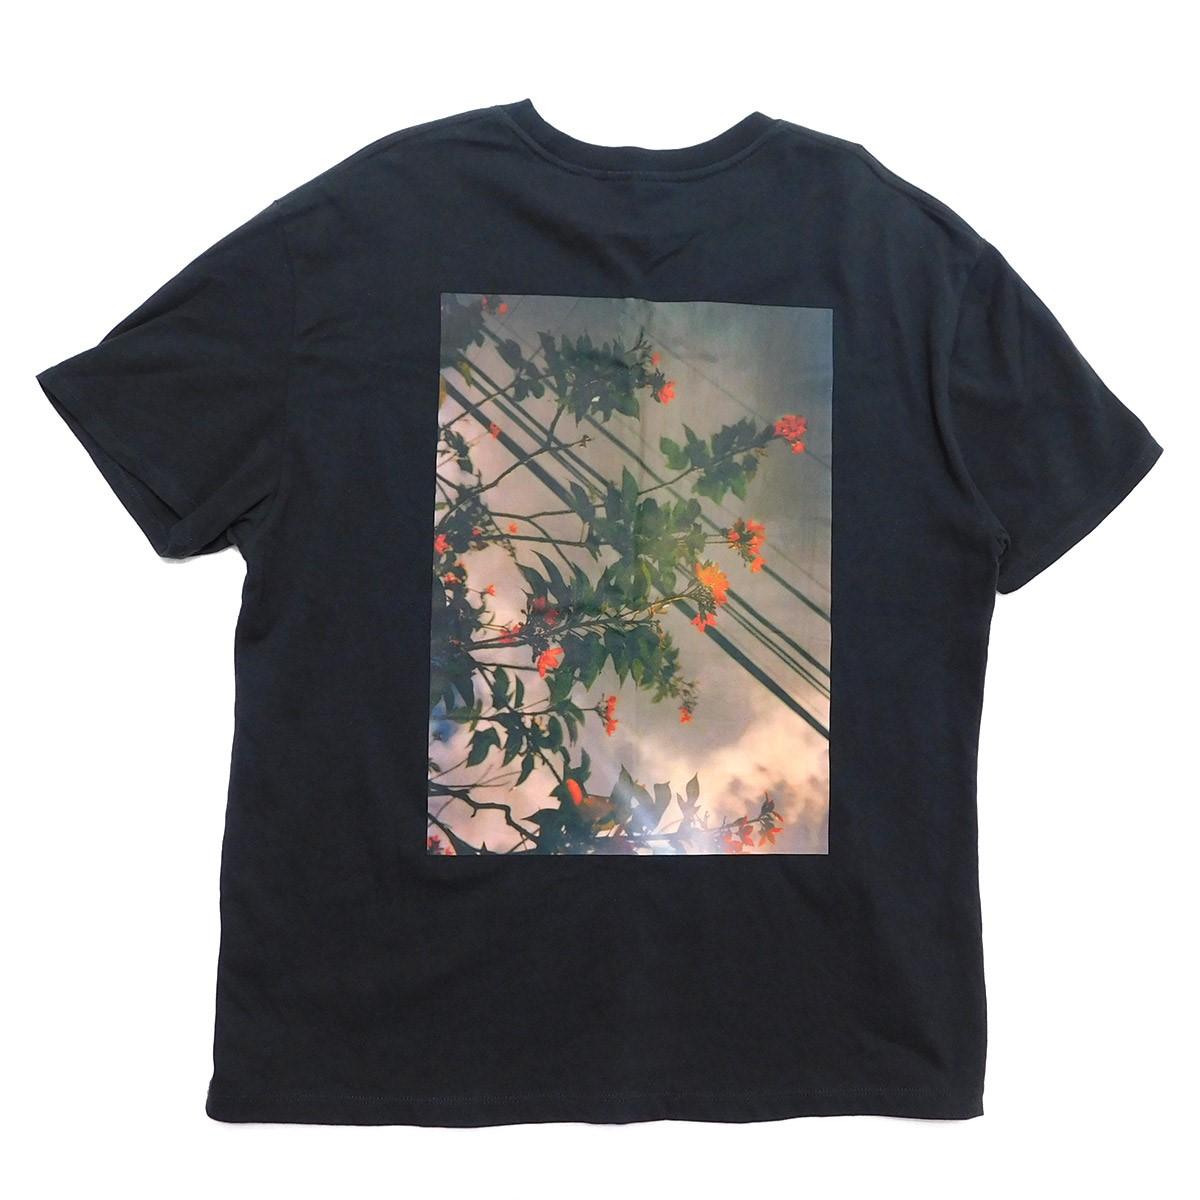 【中古】FOG ESSENTIALS Shaniqwa Jarvis Photo Boxy Graphic T-SHIRT Tシャツ ブラック サイズ:S 【090420】(フィアーオブゴッド エッセンシャルズ)